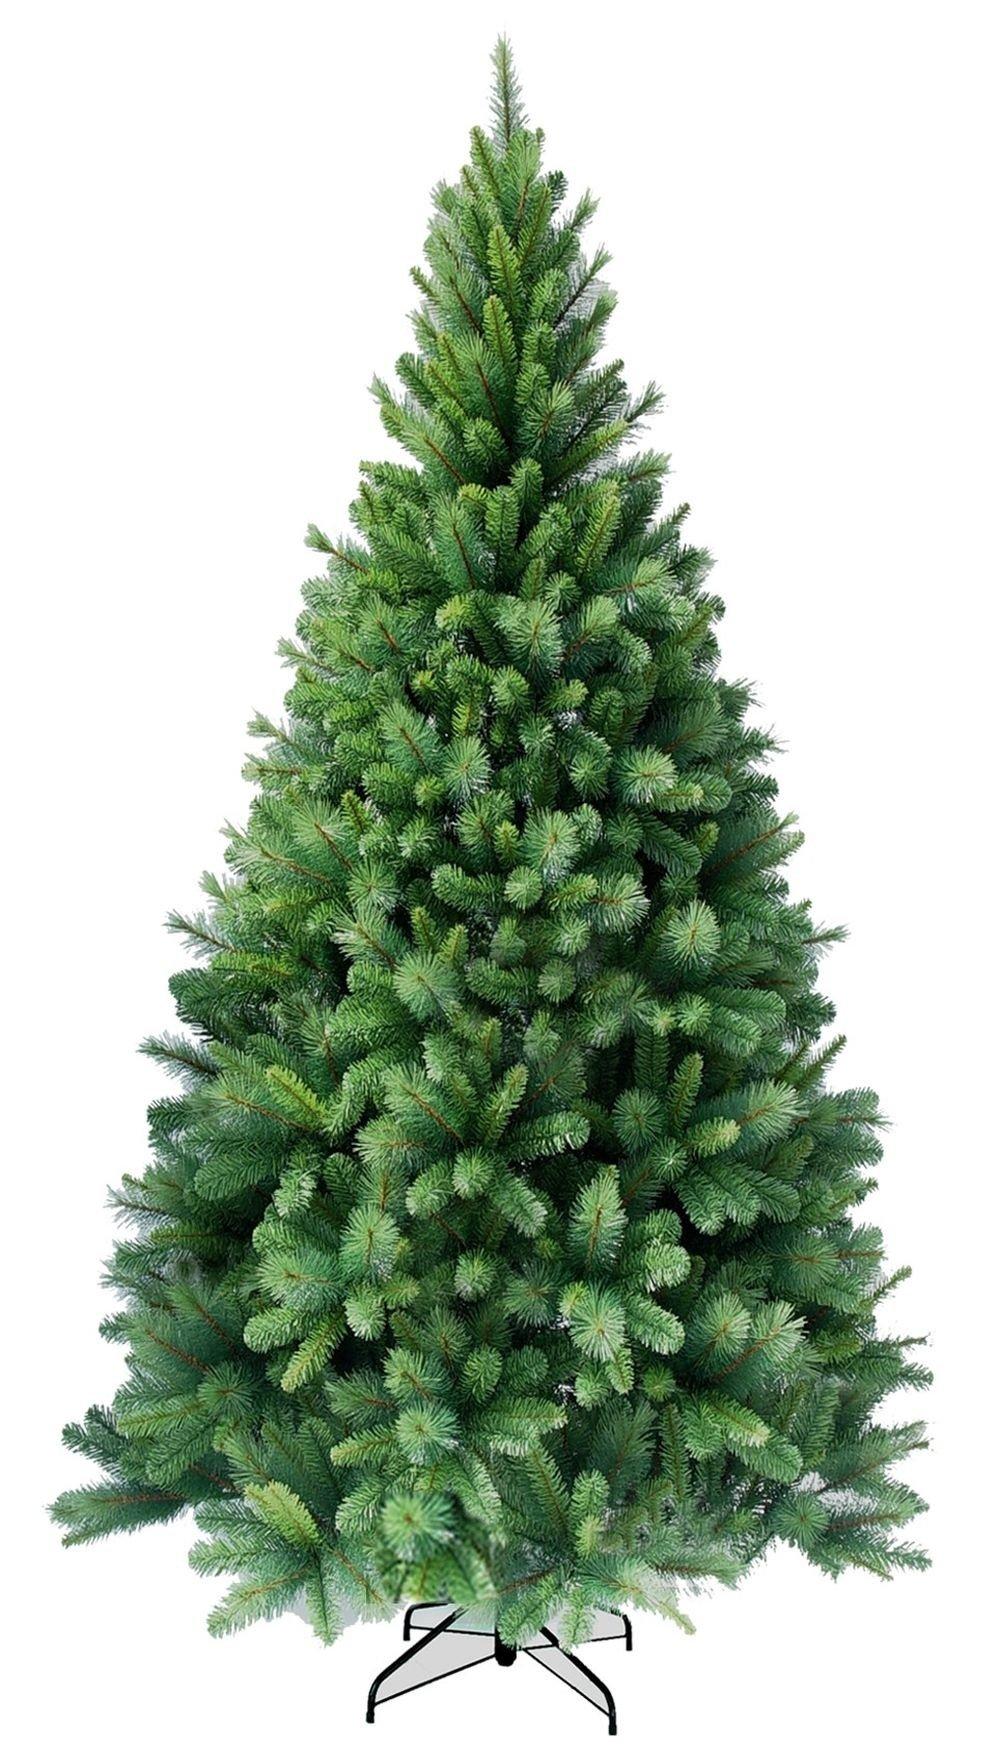 amieli-X-Mix-120-270-cm-Weihnachtsbaum-knstlich-mit-Christbaum-Stnder-7-Gren-whlbar-schwer-entflammbarer-PVC-Tannenbaum-fr-innen-und-auen-mit-2-verschiedenen-Nadelarten-inkl-Stnder